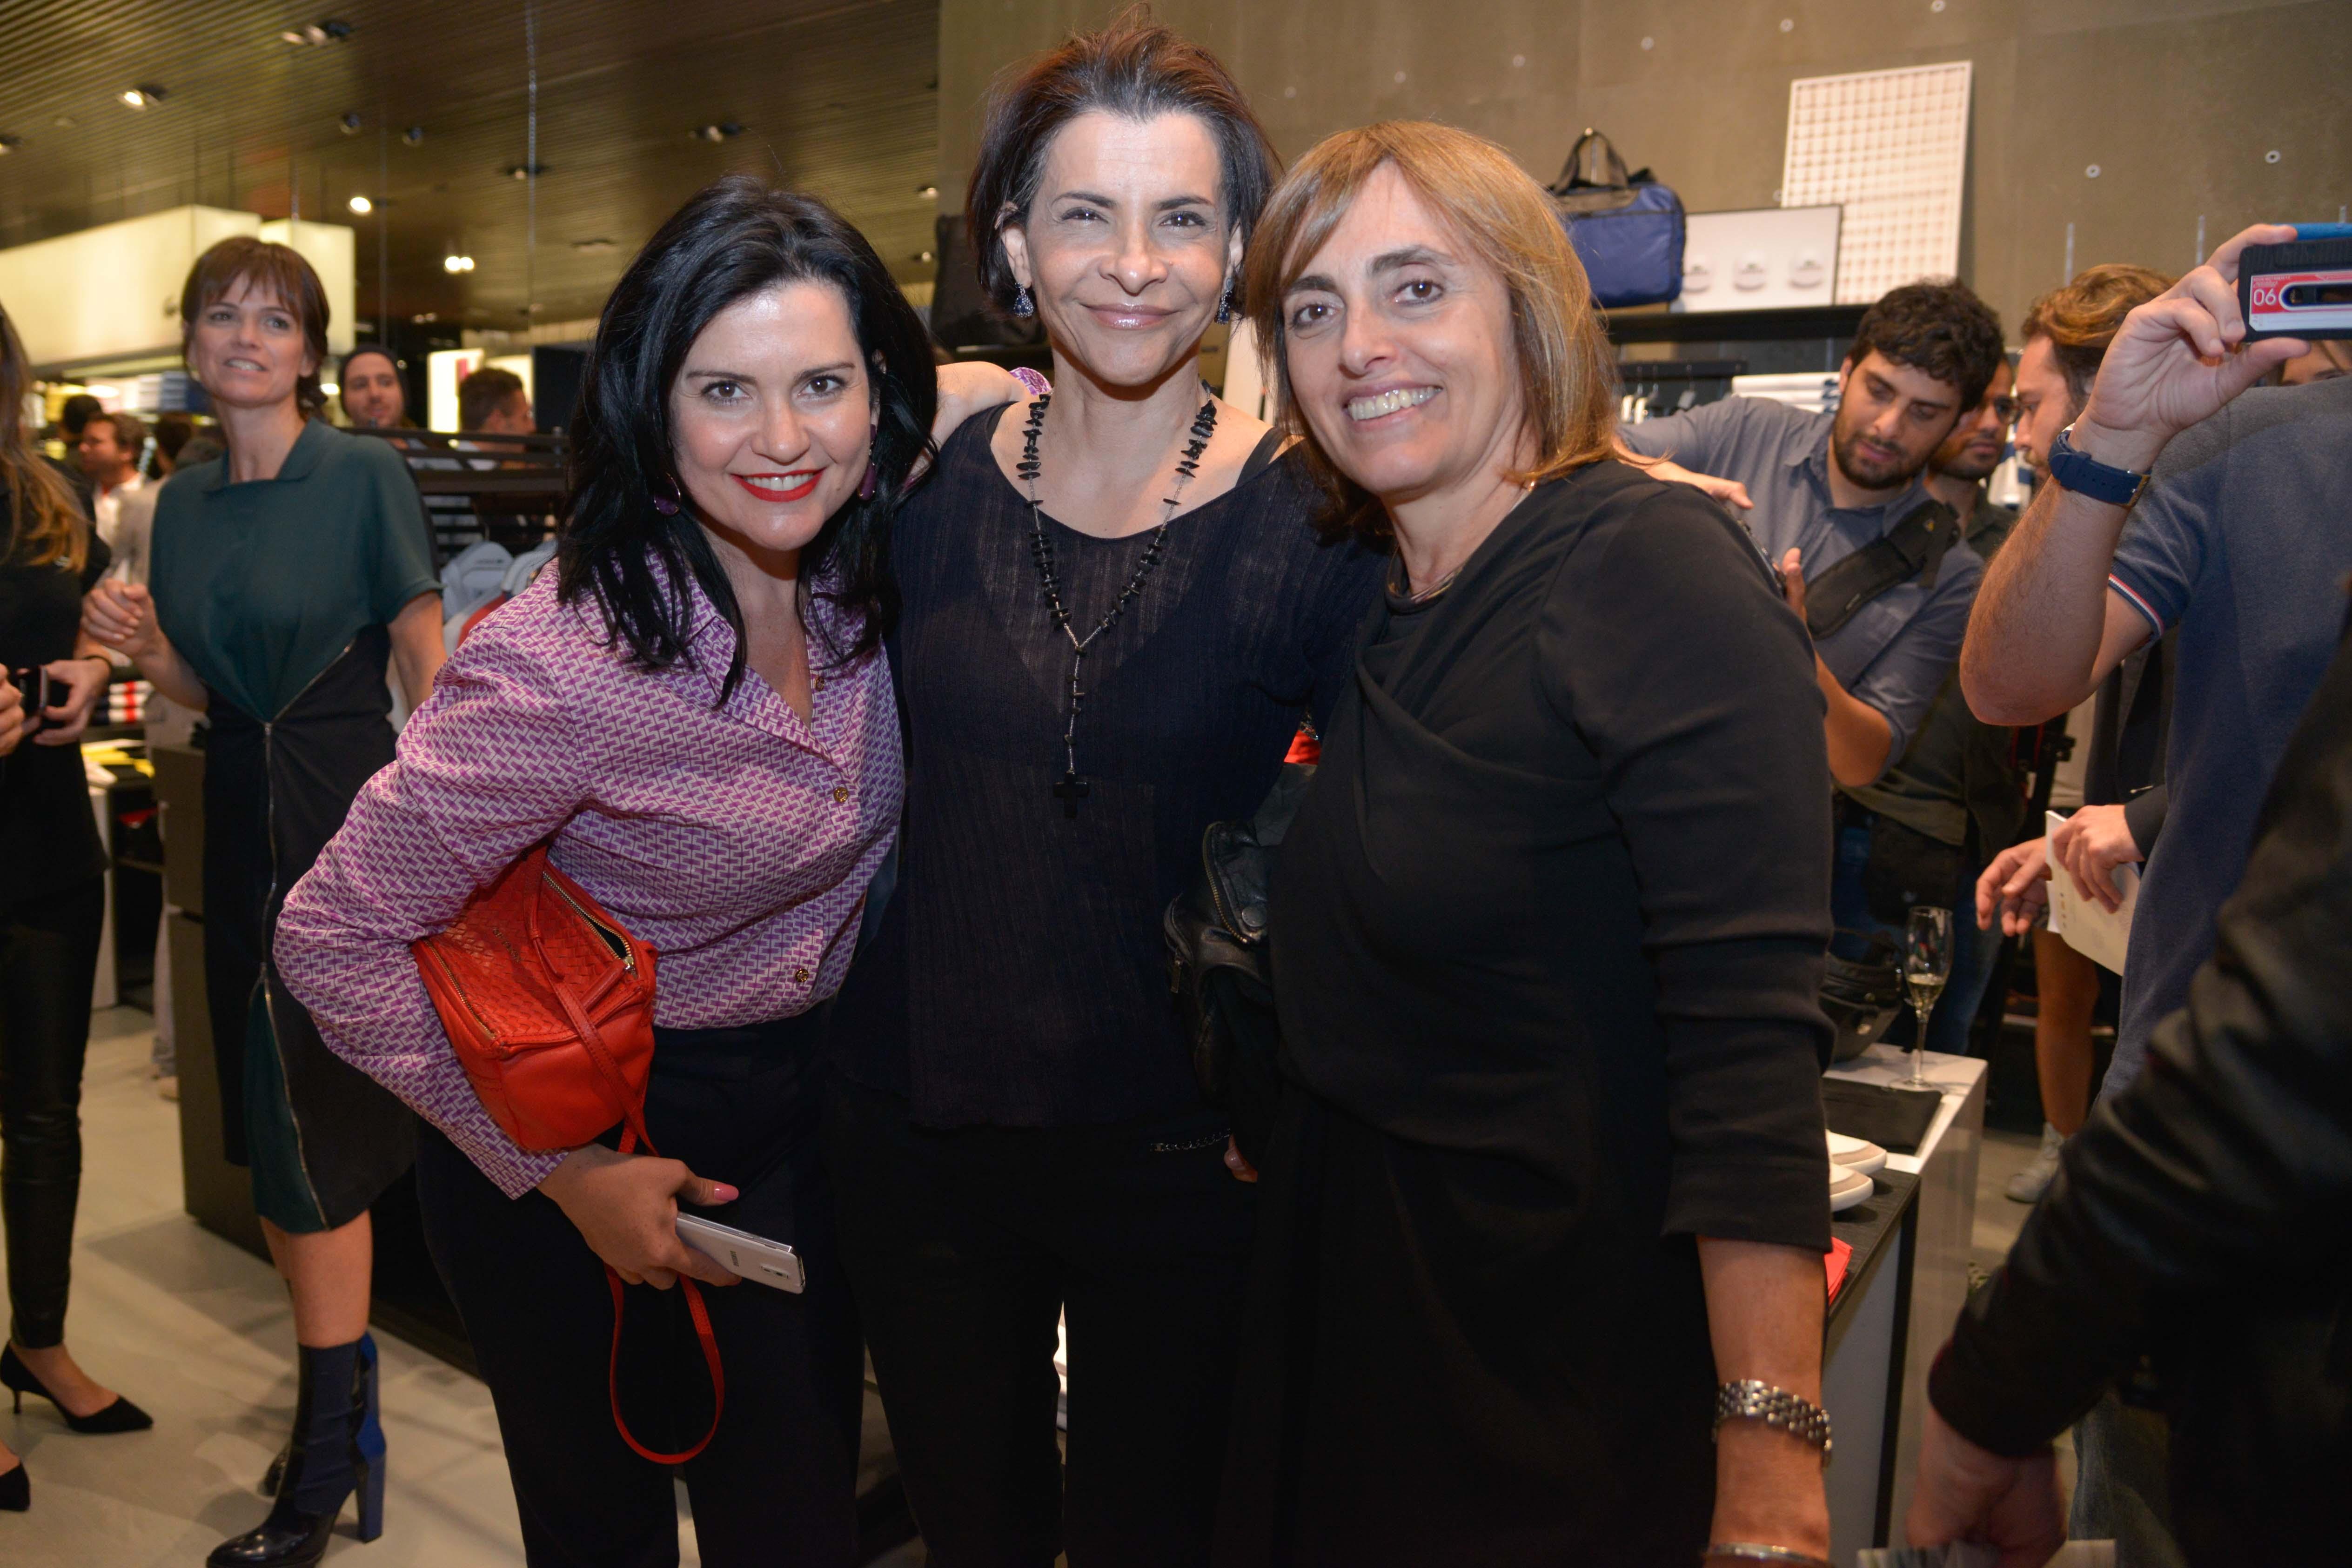 Galeria de Fotos Lacoste inaugura primeira loja-conceito no Brasil  veja  quem passou pela abertura    Foto 3    Lifestyle    FFW 3ea0879e46